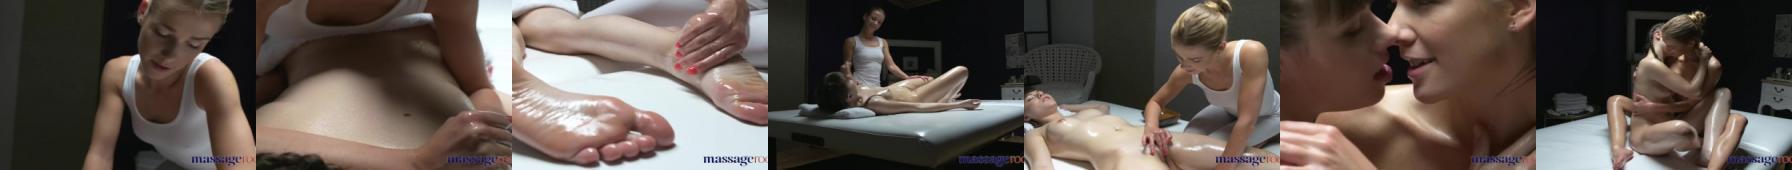 Intymny masaż dwóch lesbijek